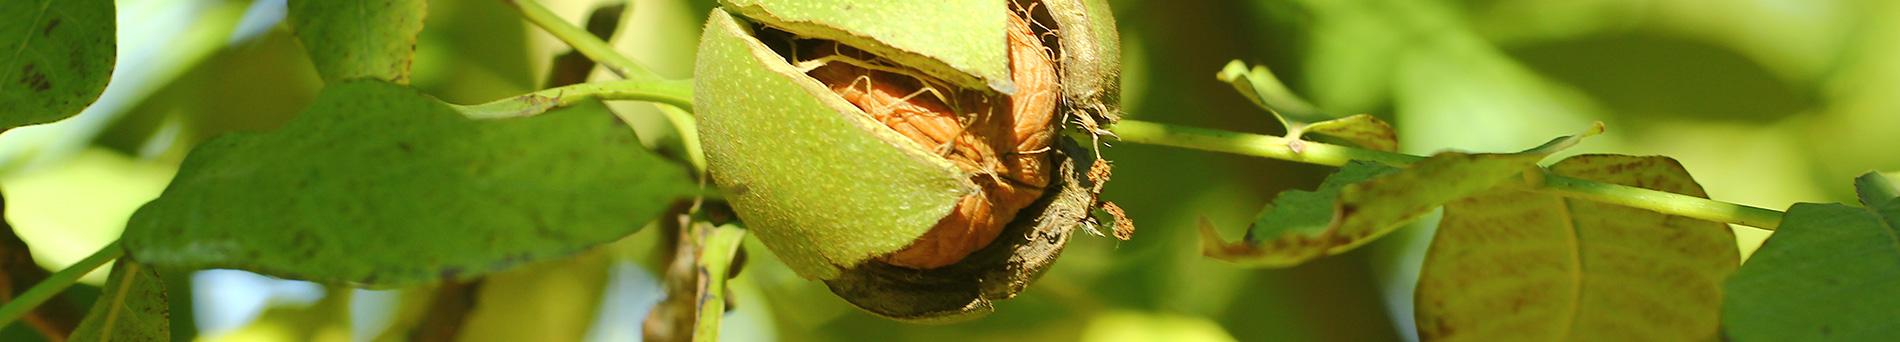 Immagini delle noci e nocciole dell'azienda agricola Agricorti -